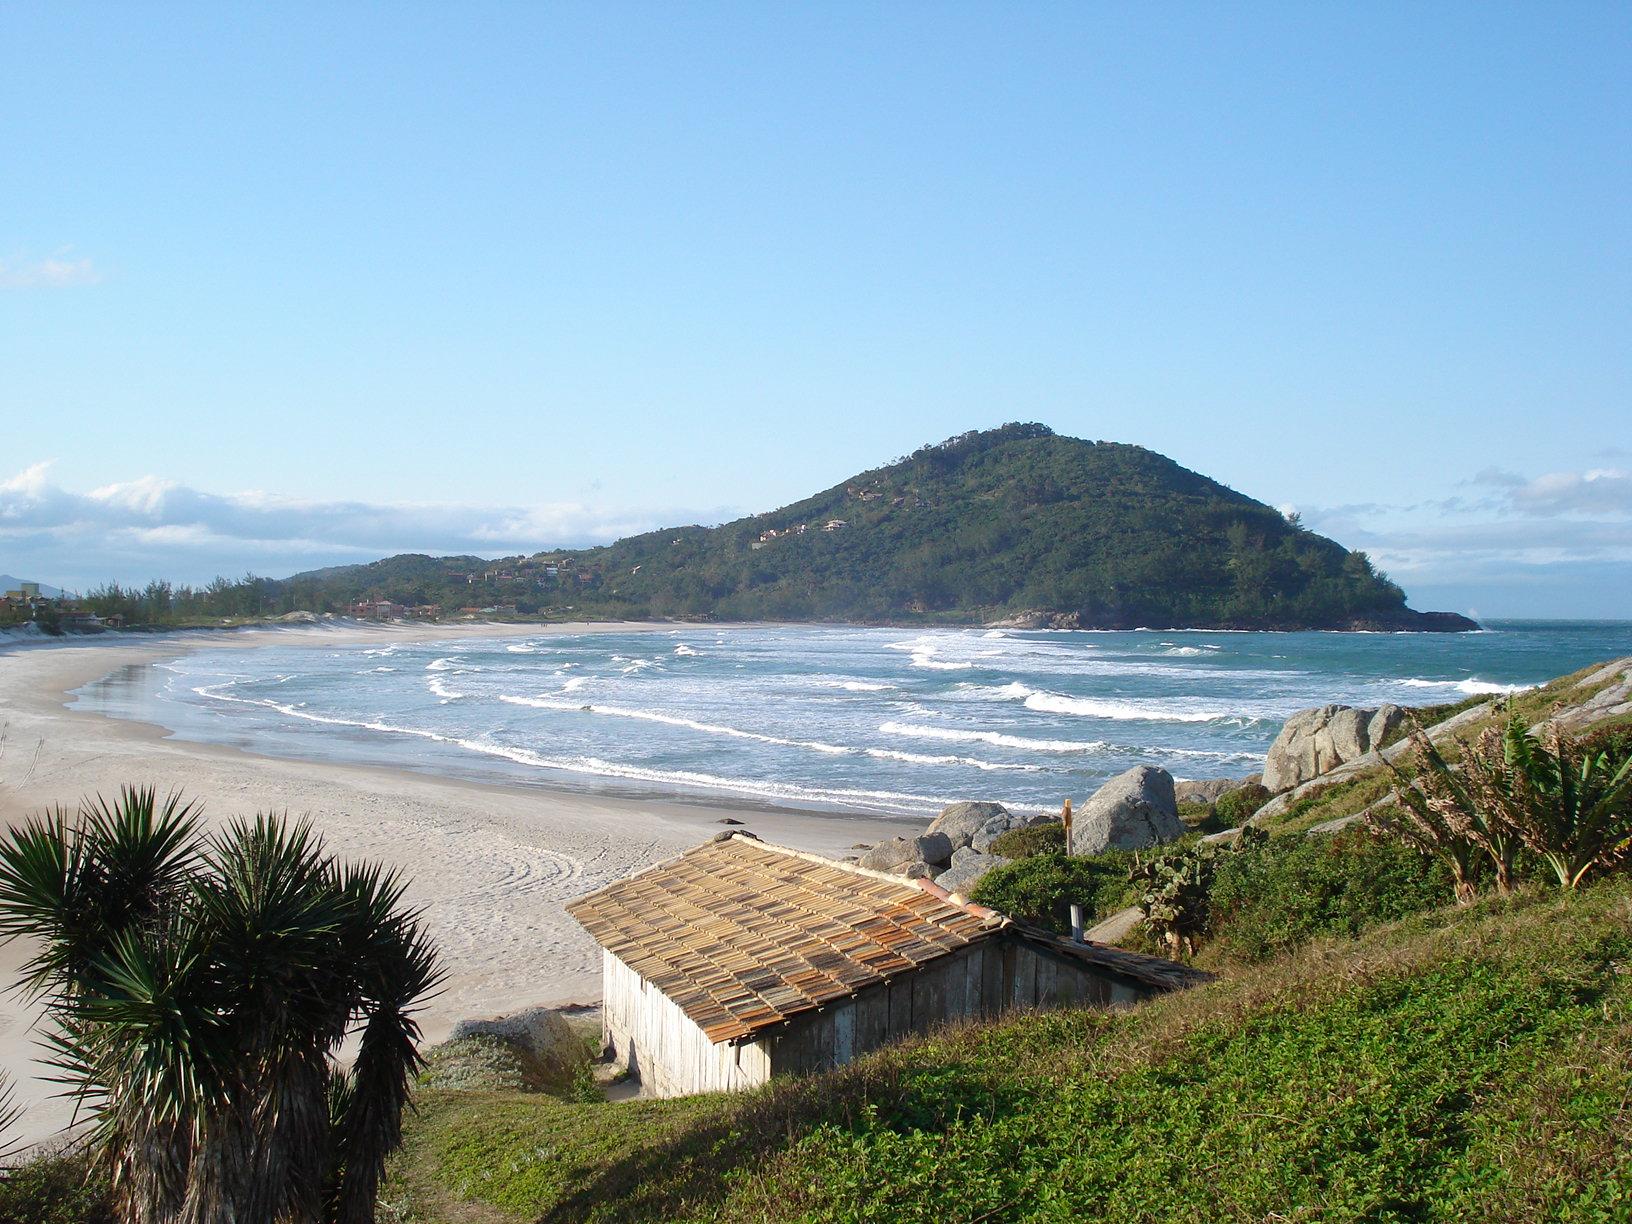 praia da ferrugem em garopaba santa catarina